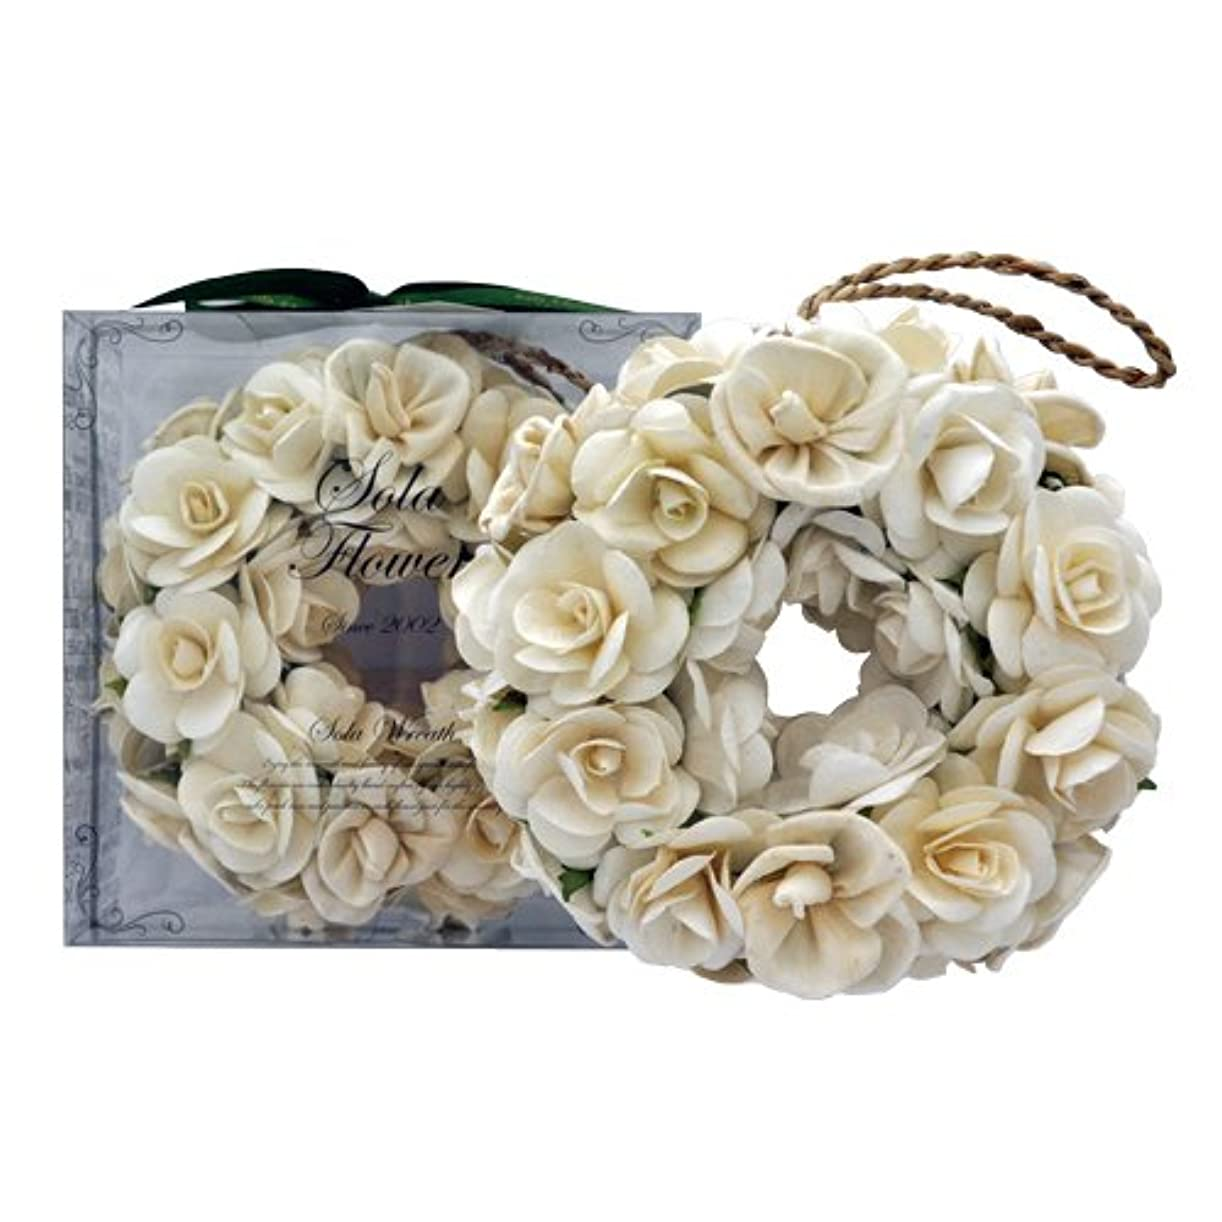 誠実排他的ストレンジャーnew Sola Flower ソラフラワー リース Gentle Rose ジェントルローズ Wreath